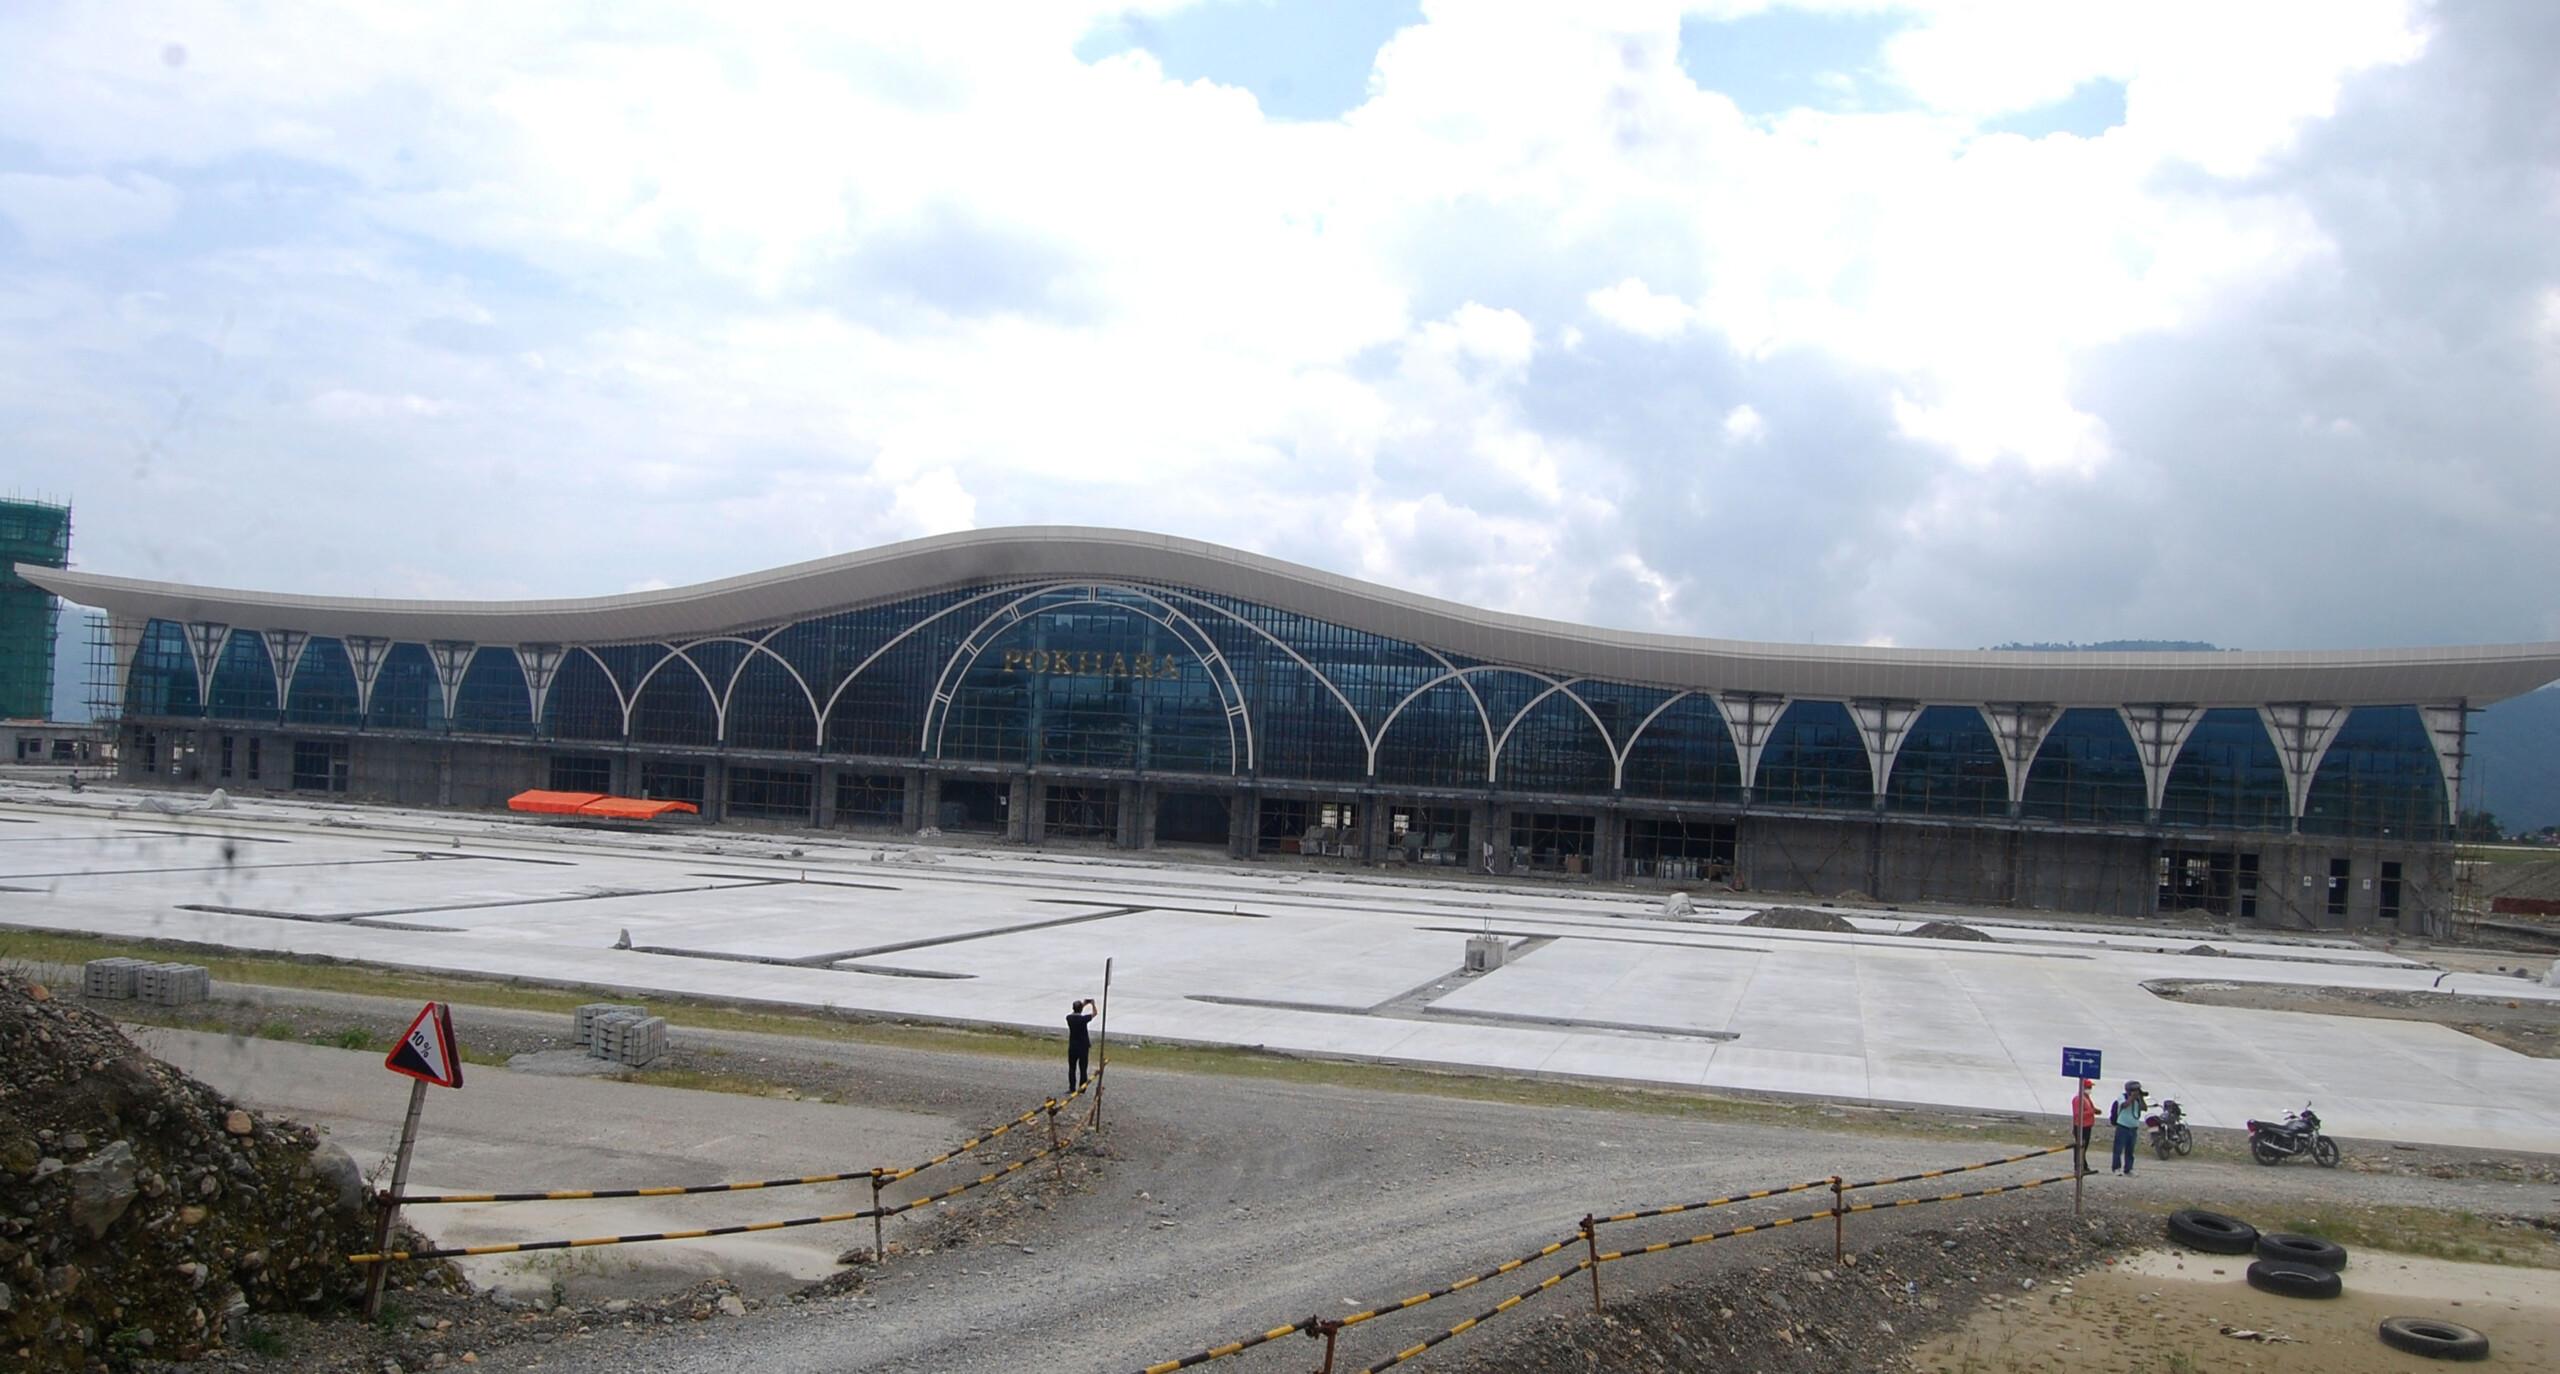 पोखरा अन्तर्राष्ट्रिय विमानस्थल : 'डेडलाइन मिट' गर्न मुश्किल